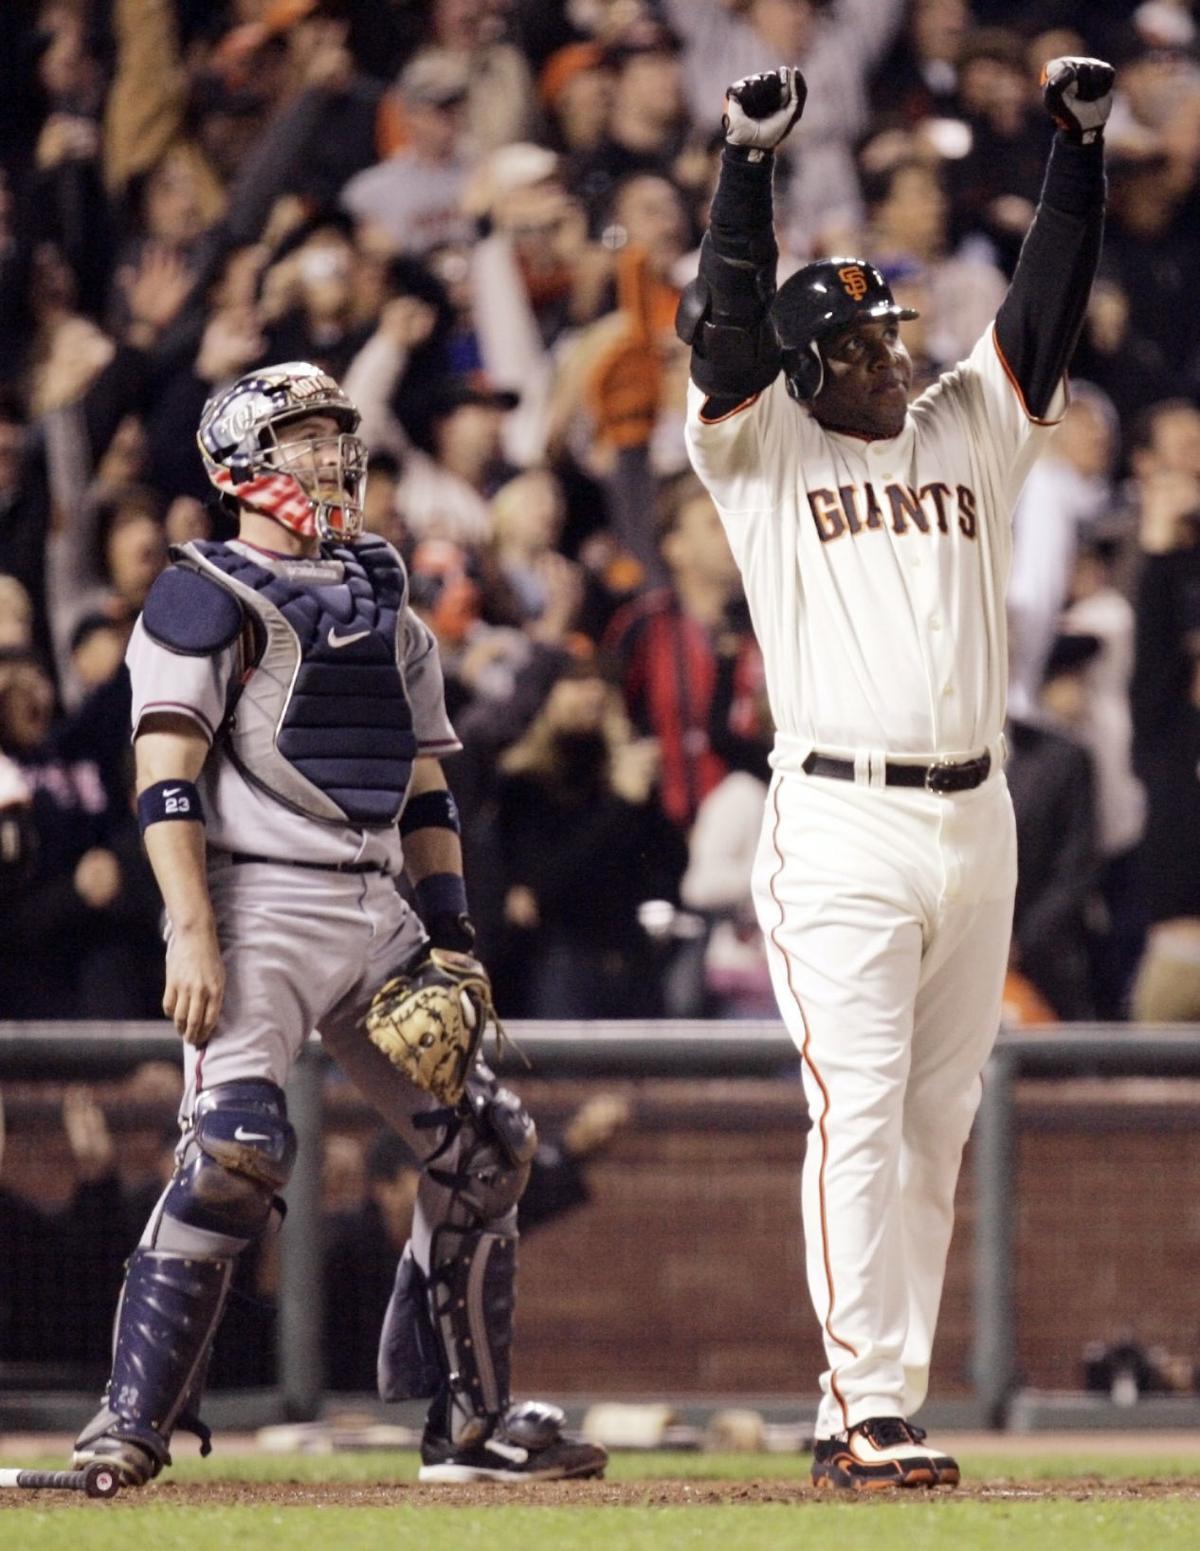 Giants-Bonds Number Retired Baseball